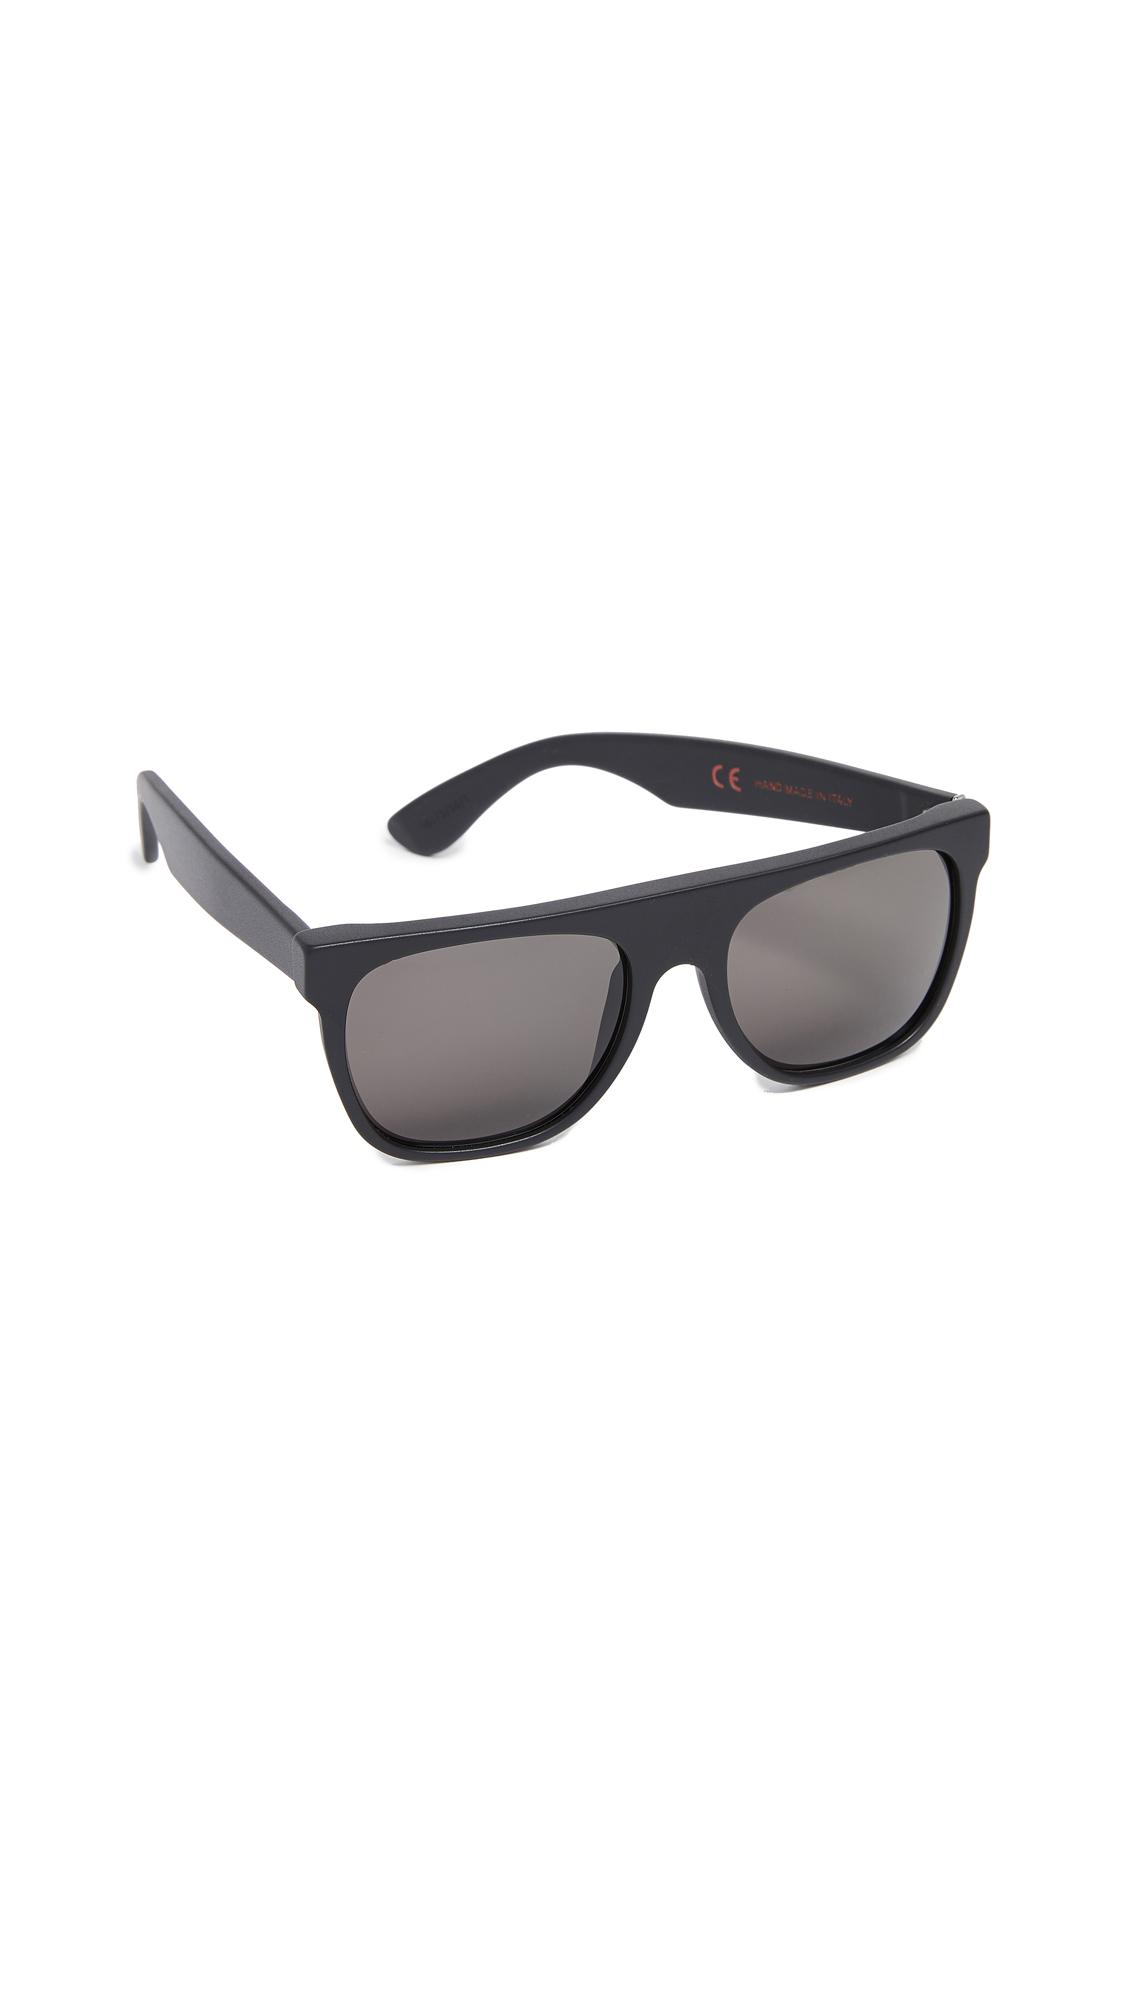 SUPER SUNGLASSES Flat Top Sunglasses in Matte Black